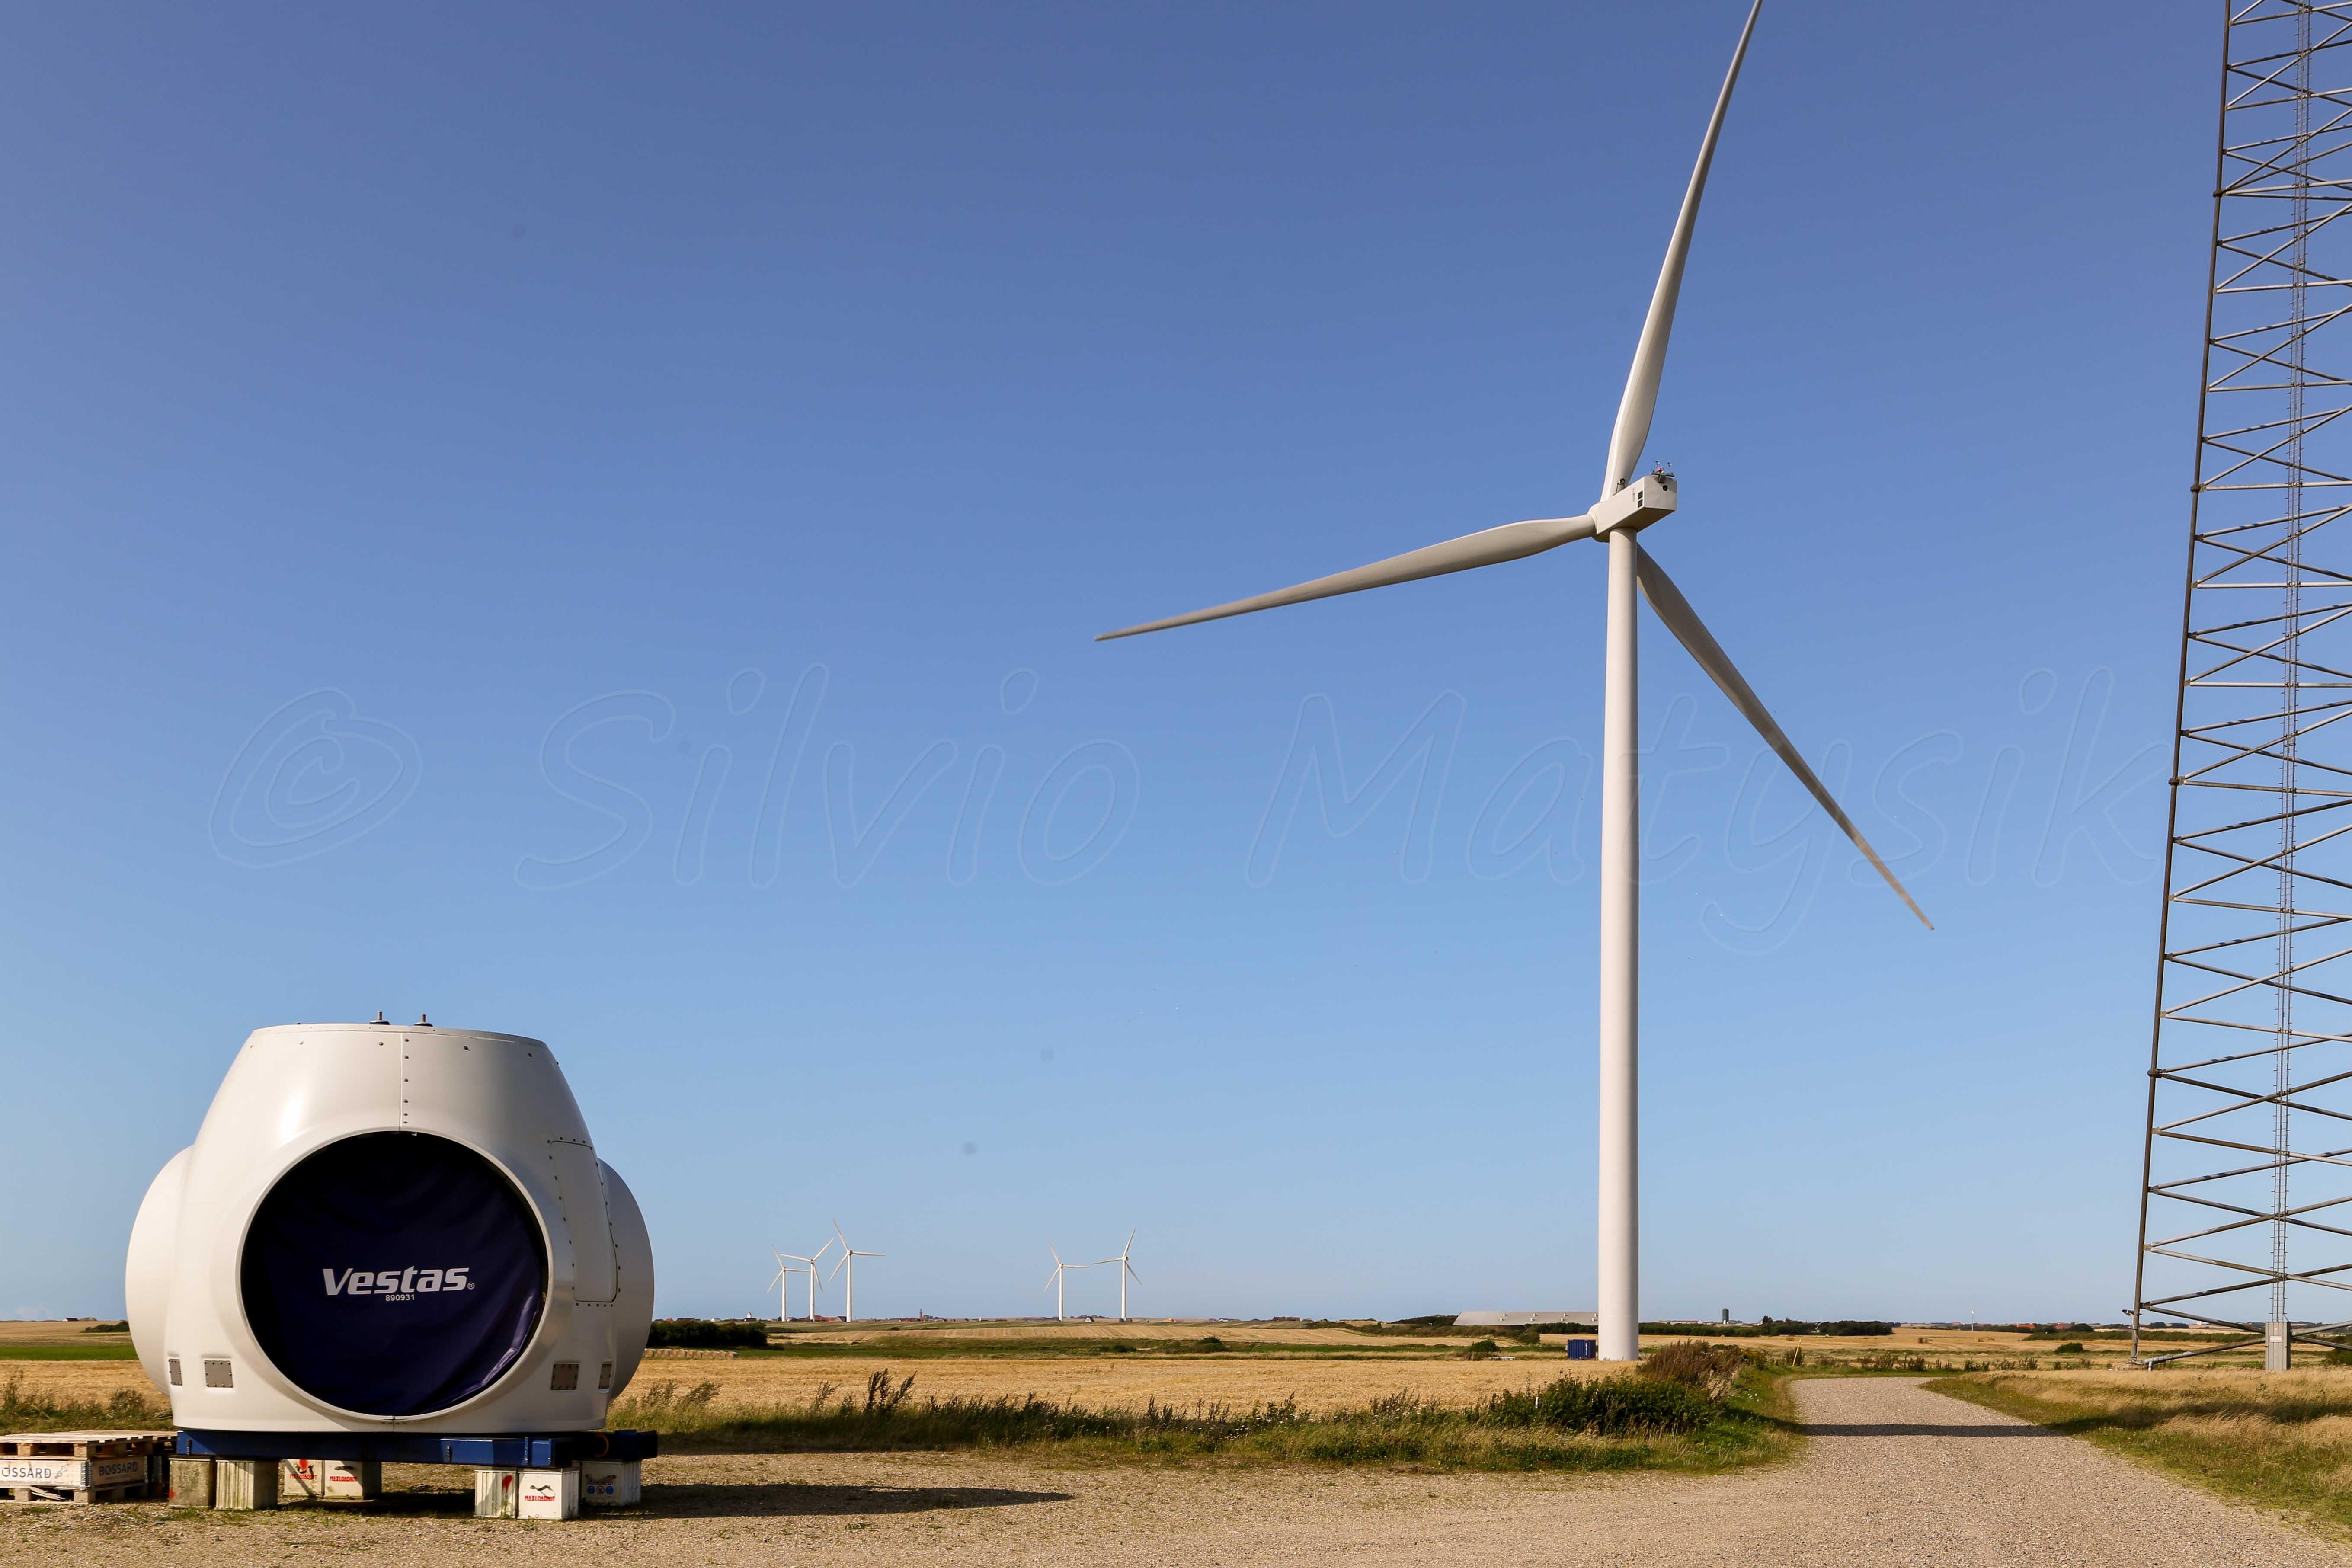 Siemens SWT 2 5 120 2 50 MW Wind turbine